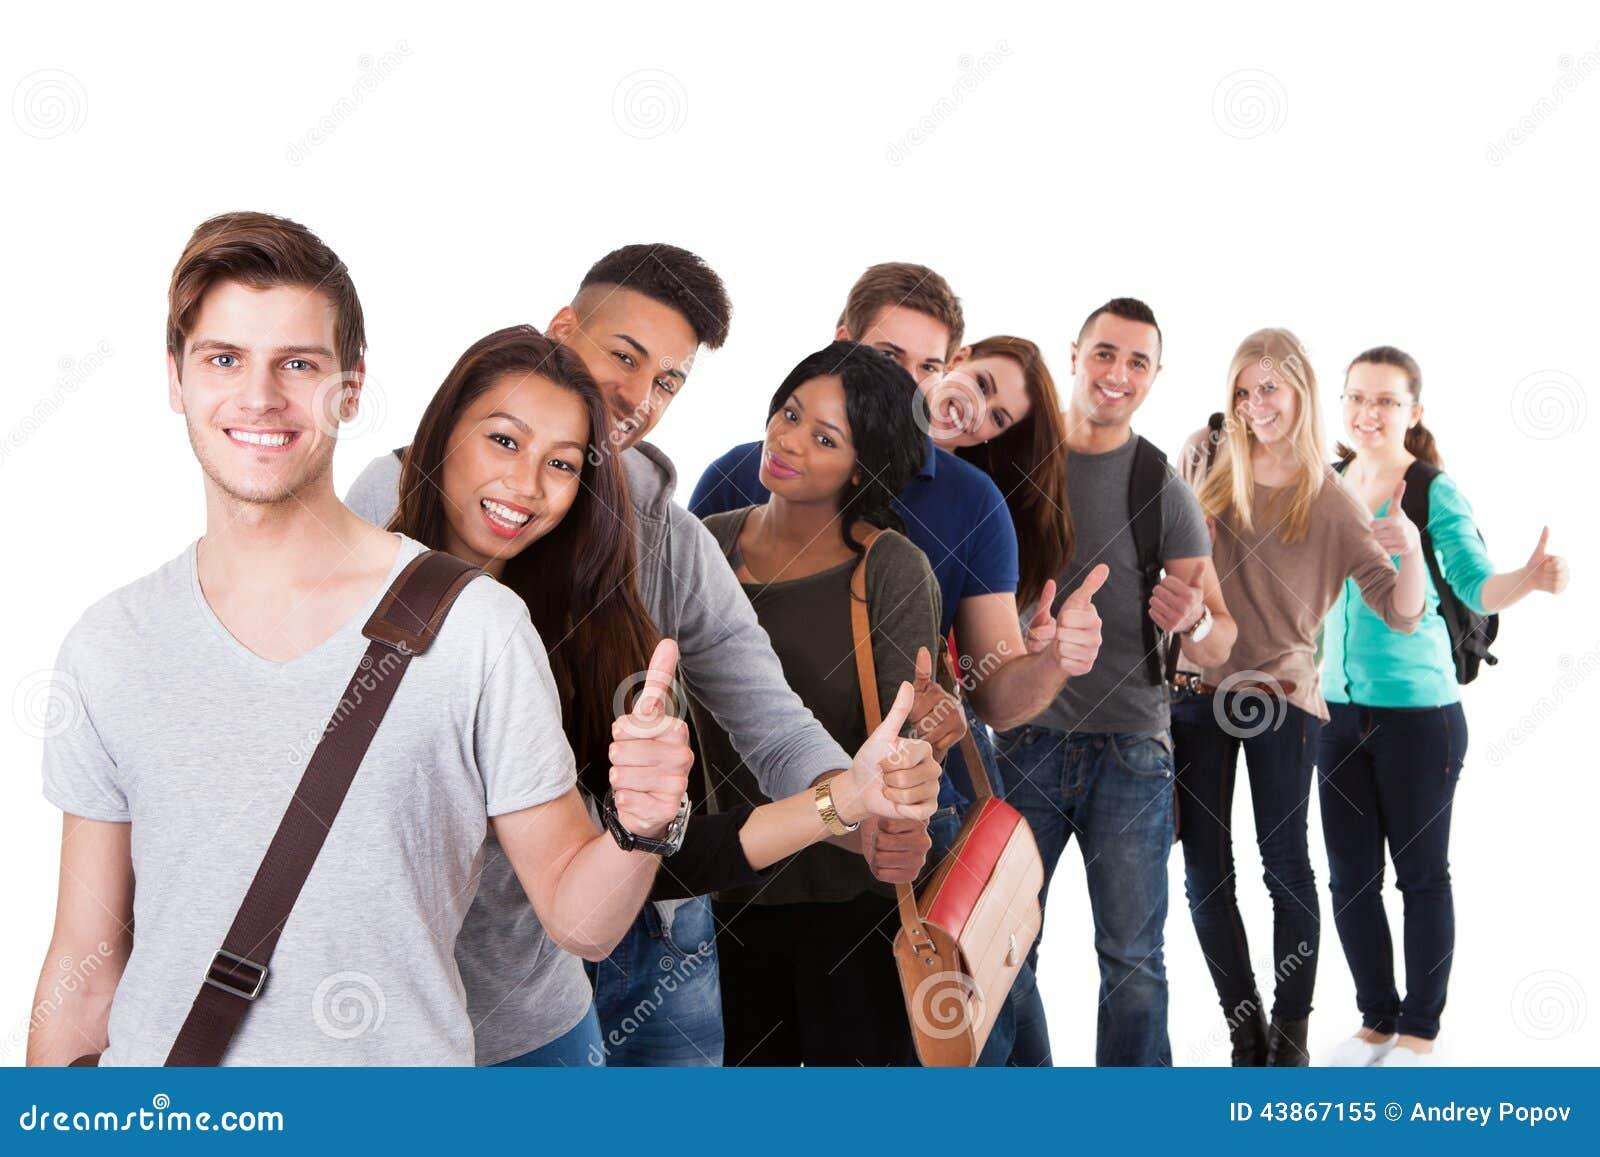 Φοιτητές πανεπιστημίου που οι αντίχειρες επάνω σε μια γραμμή